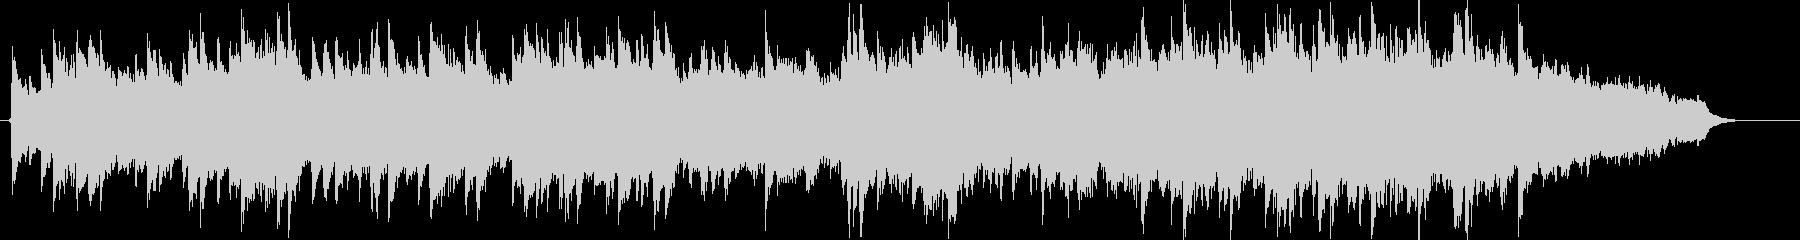 CM/ピアノ/優しい/感動/家族/A♭2の未再生の波形